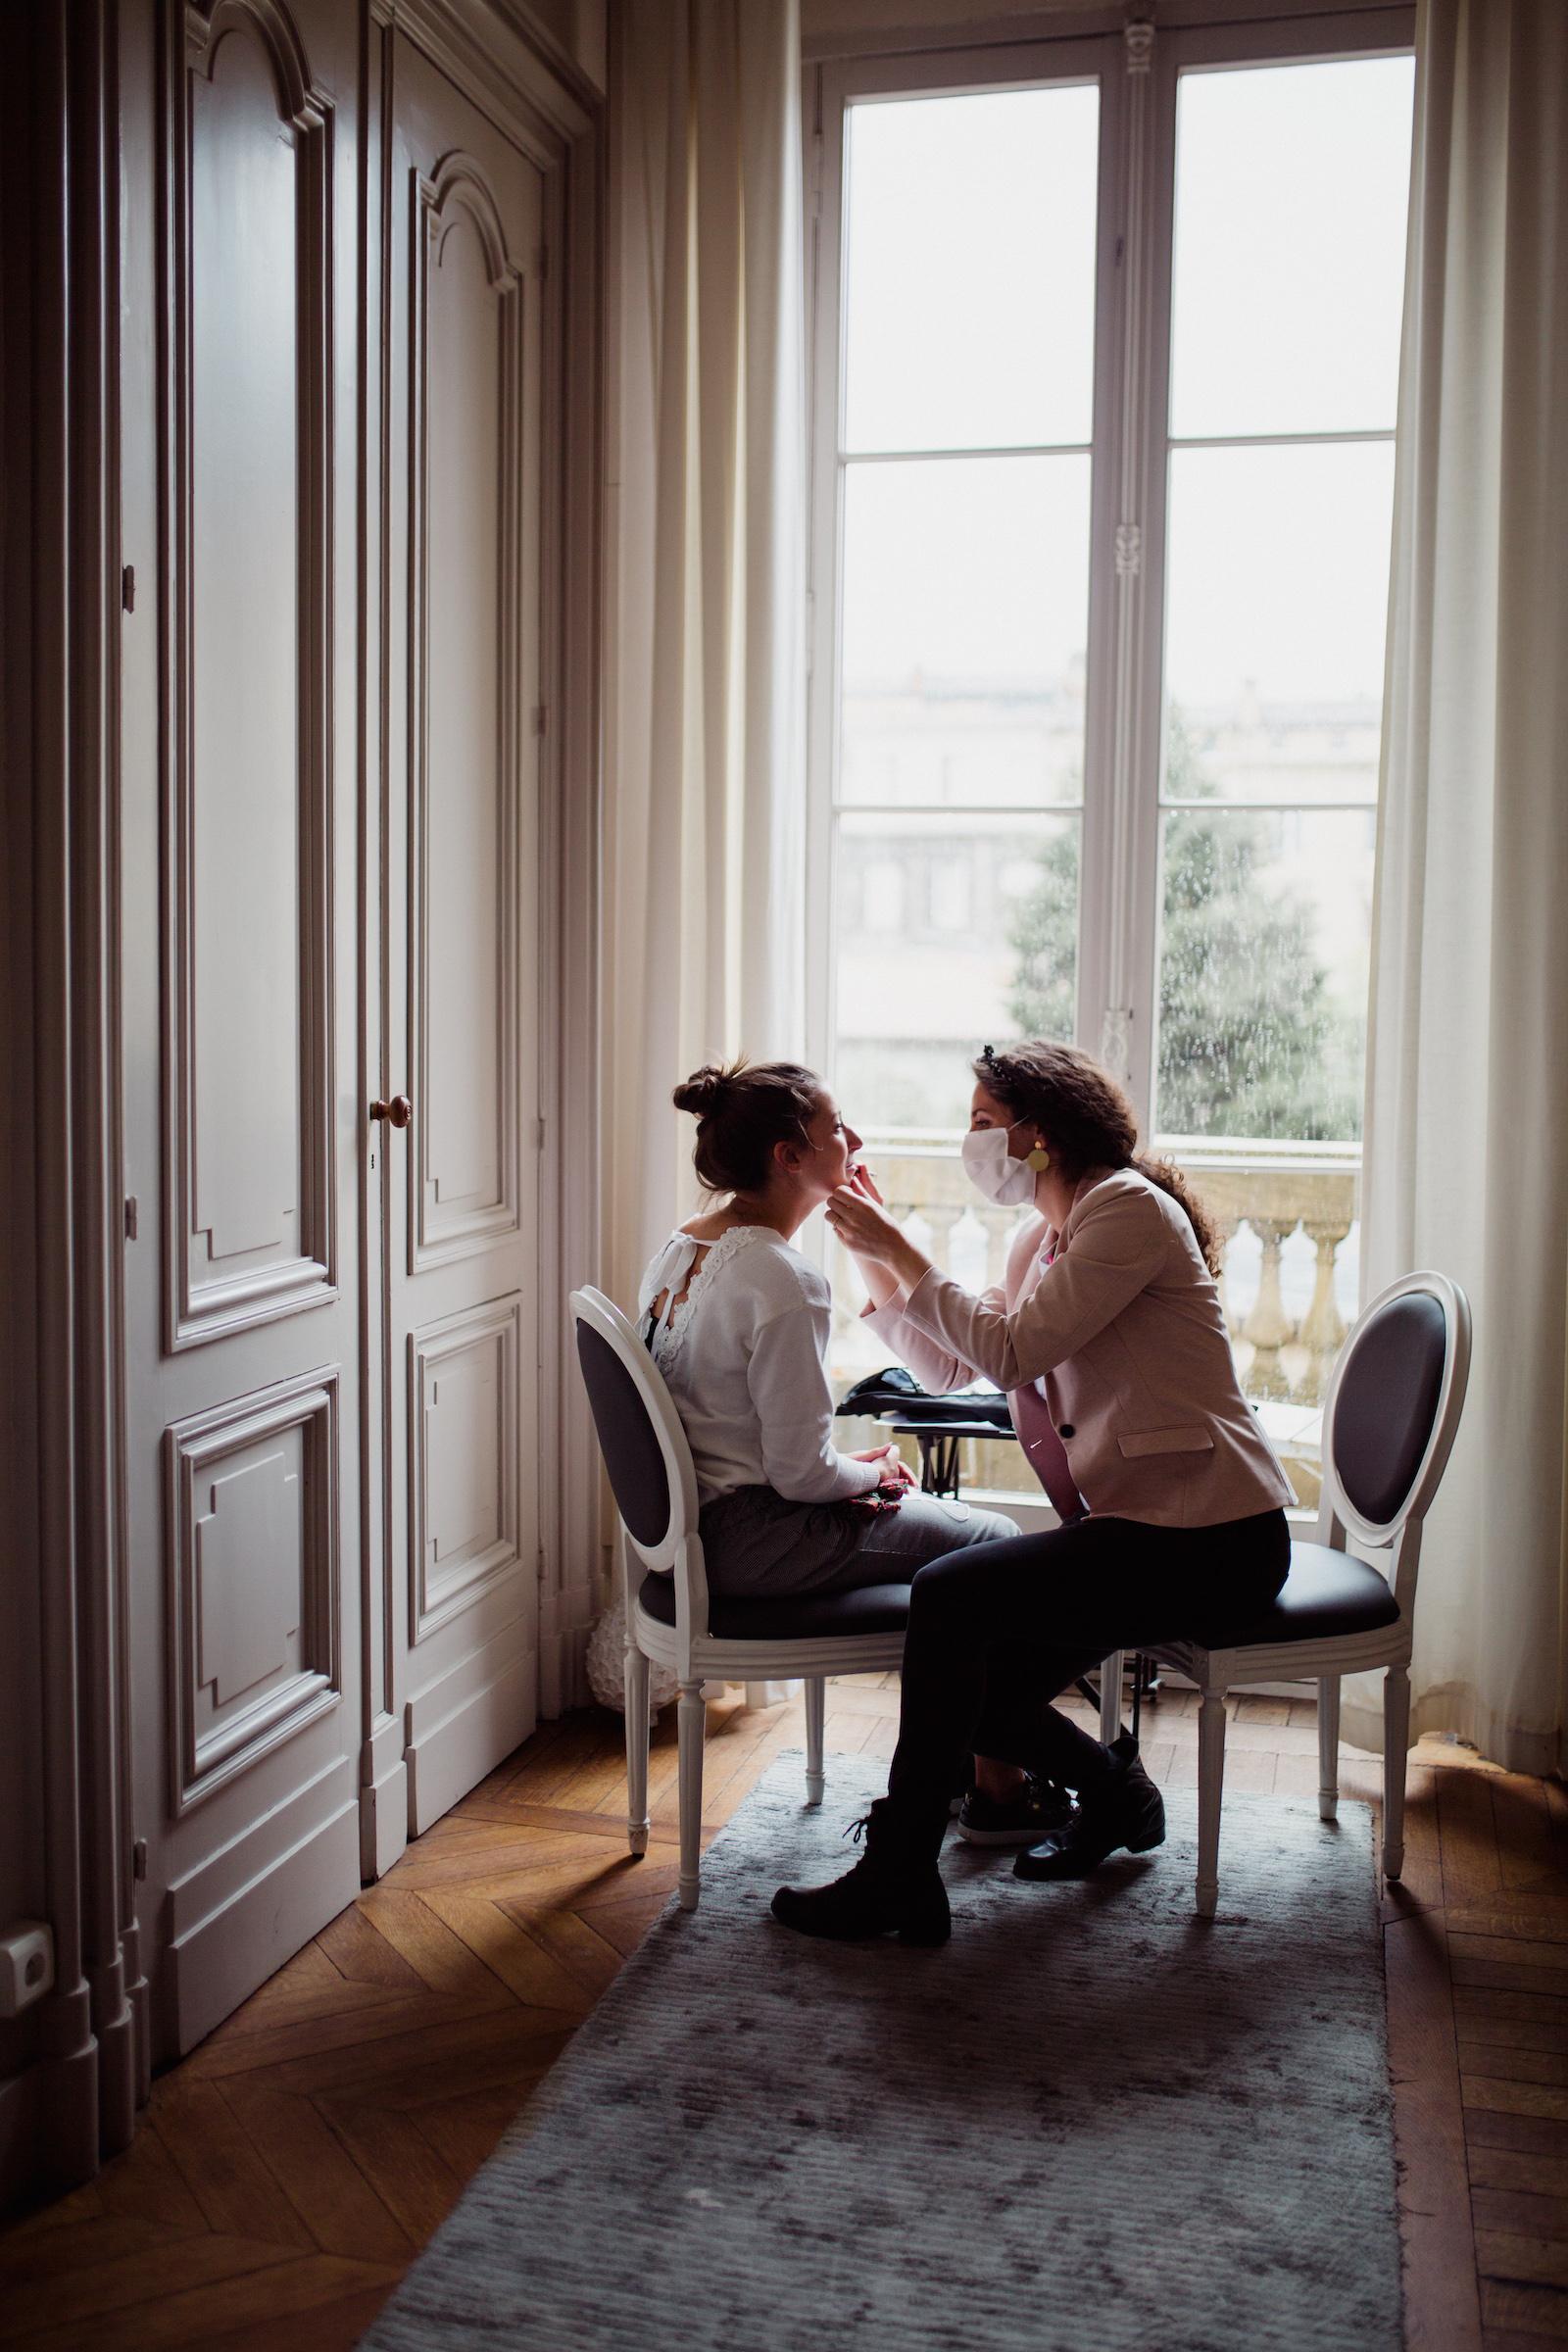 Maquillage mariée Mérignac Bordeaux Gironde